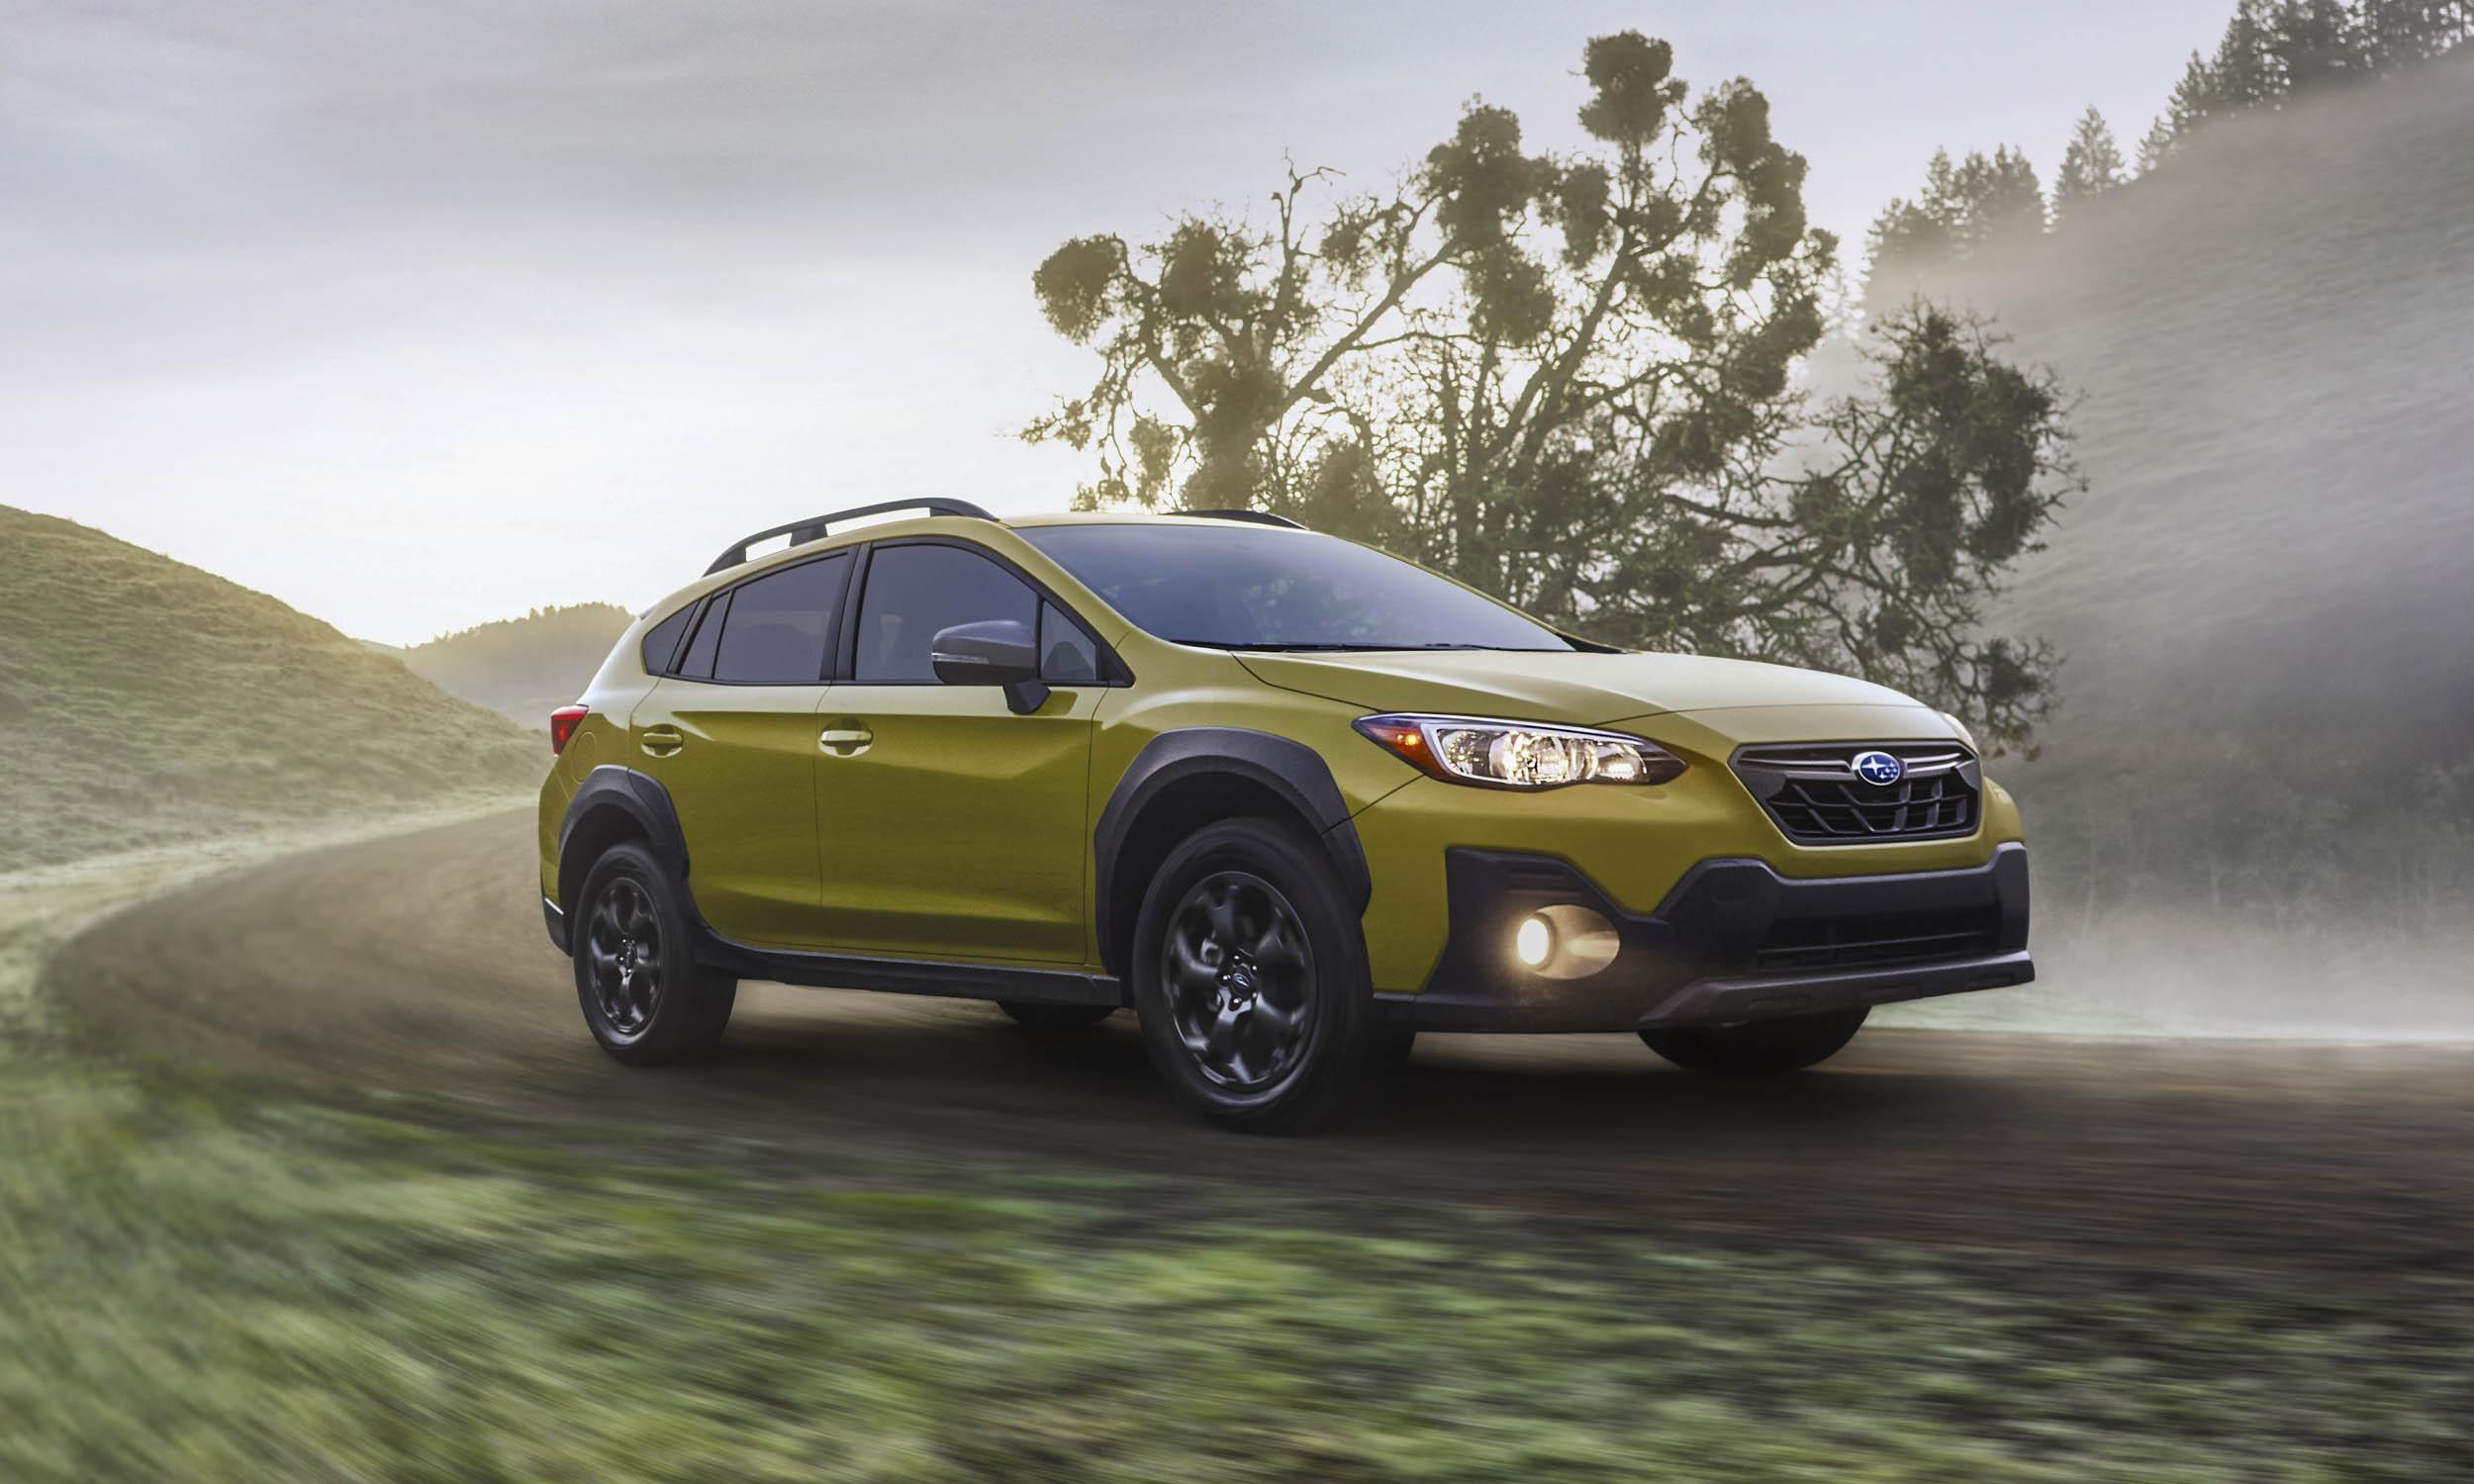 2021 Subaru Crosstrek First Looknbsp